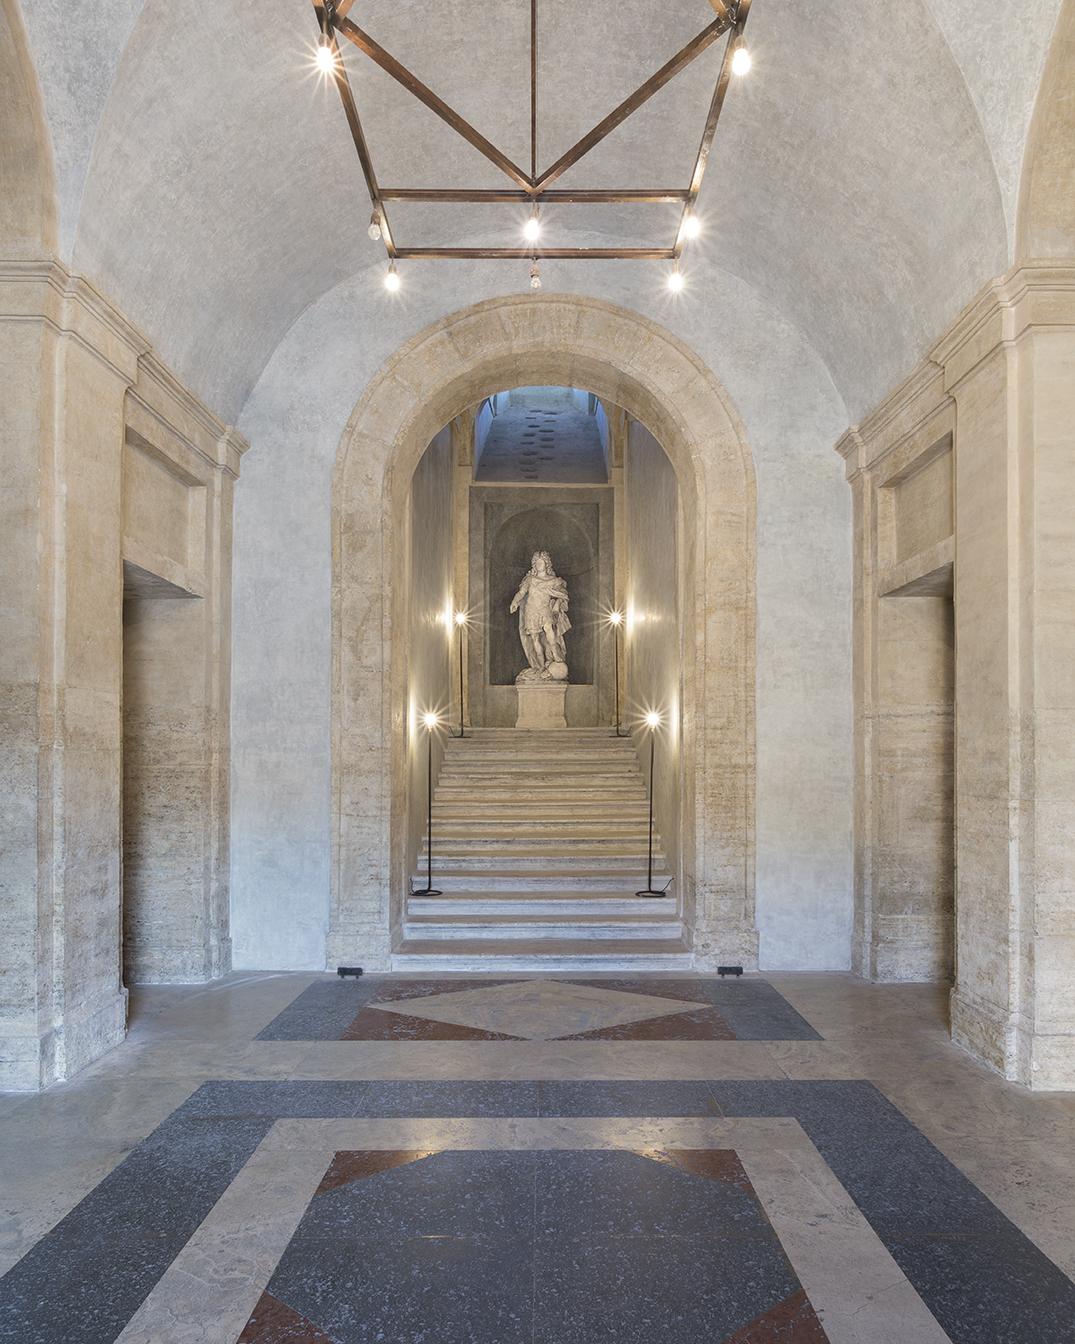 Informations Villa Medici